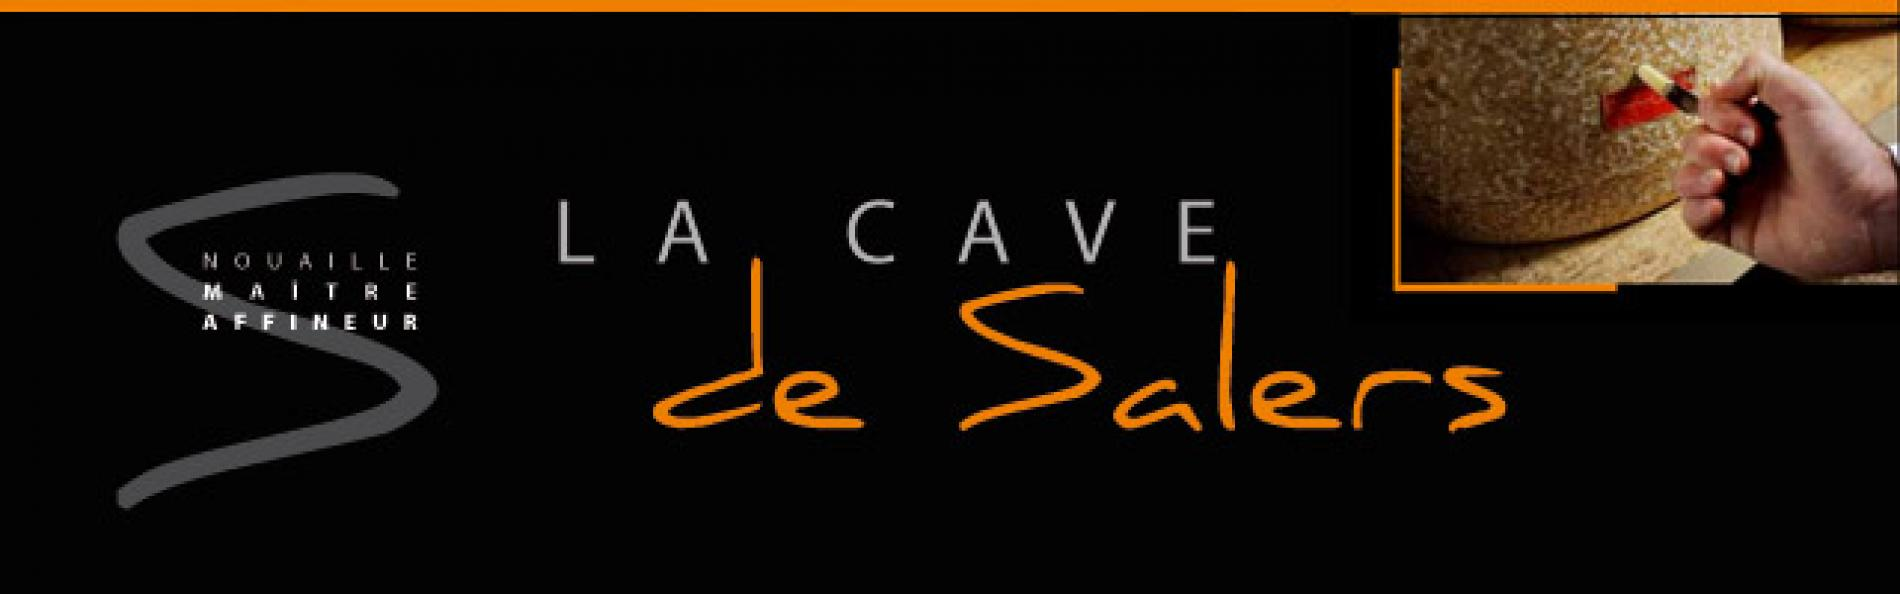 La cave de Salers